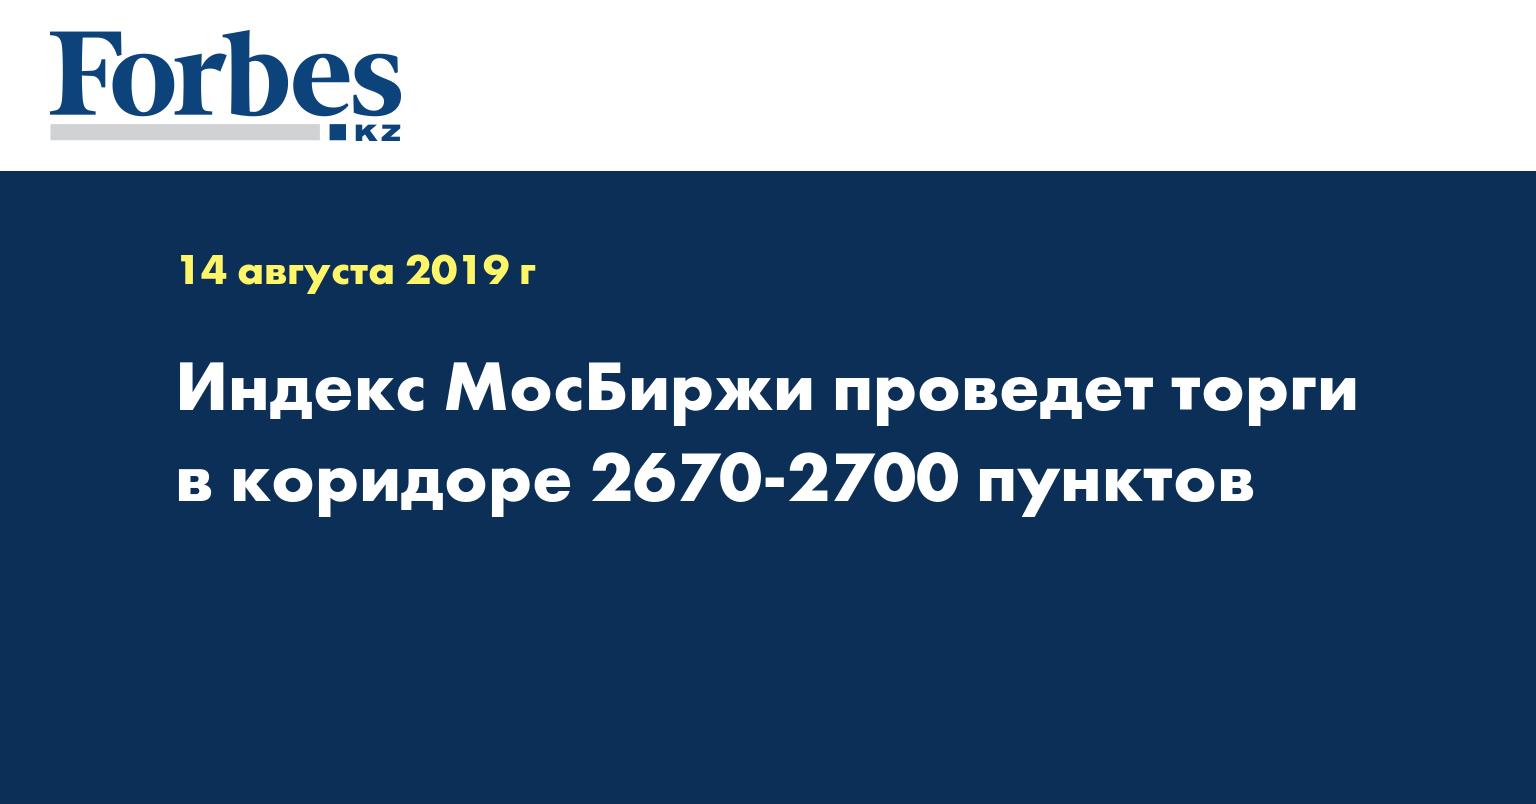 Индекс МосБиржи проведет торги в коридоре 2670-2700 пунктов